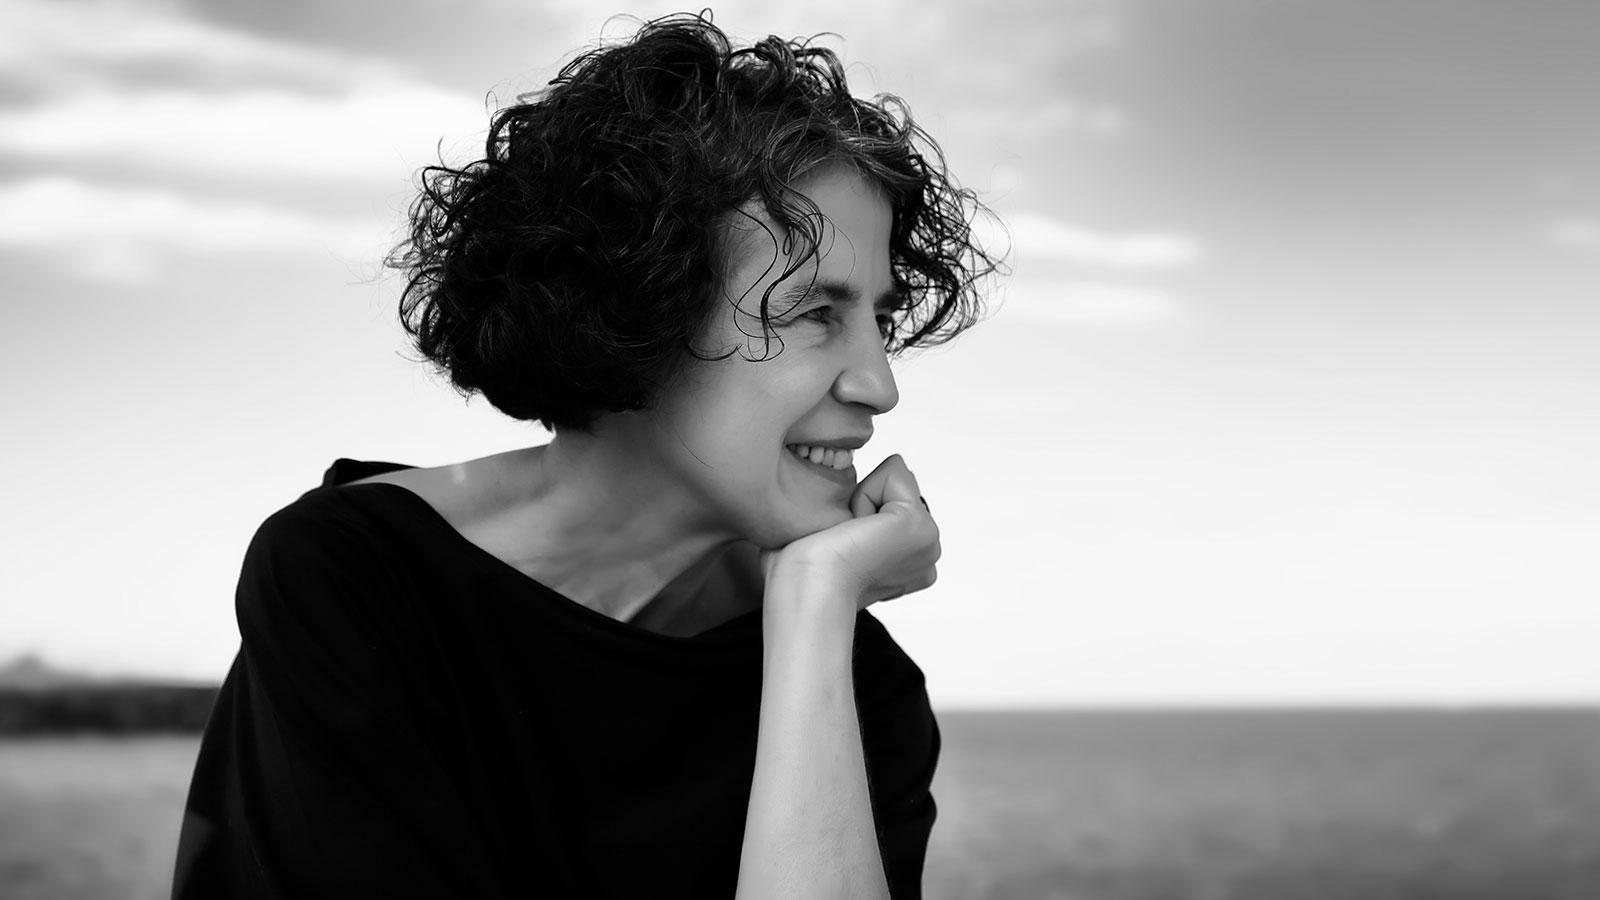 foto in bianco e nero di giovanna giordano, scrittrice siciliana, vissuta a messina, candidata al premio nobel per la letteratura